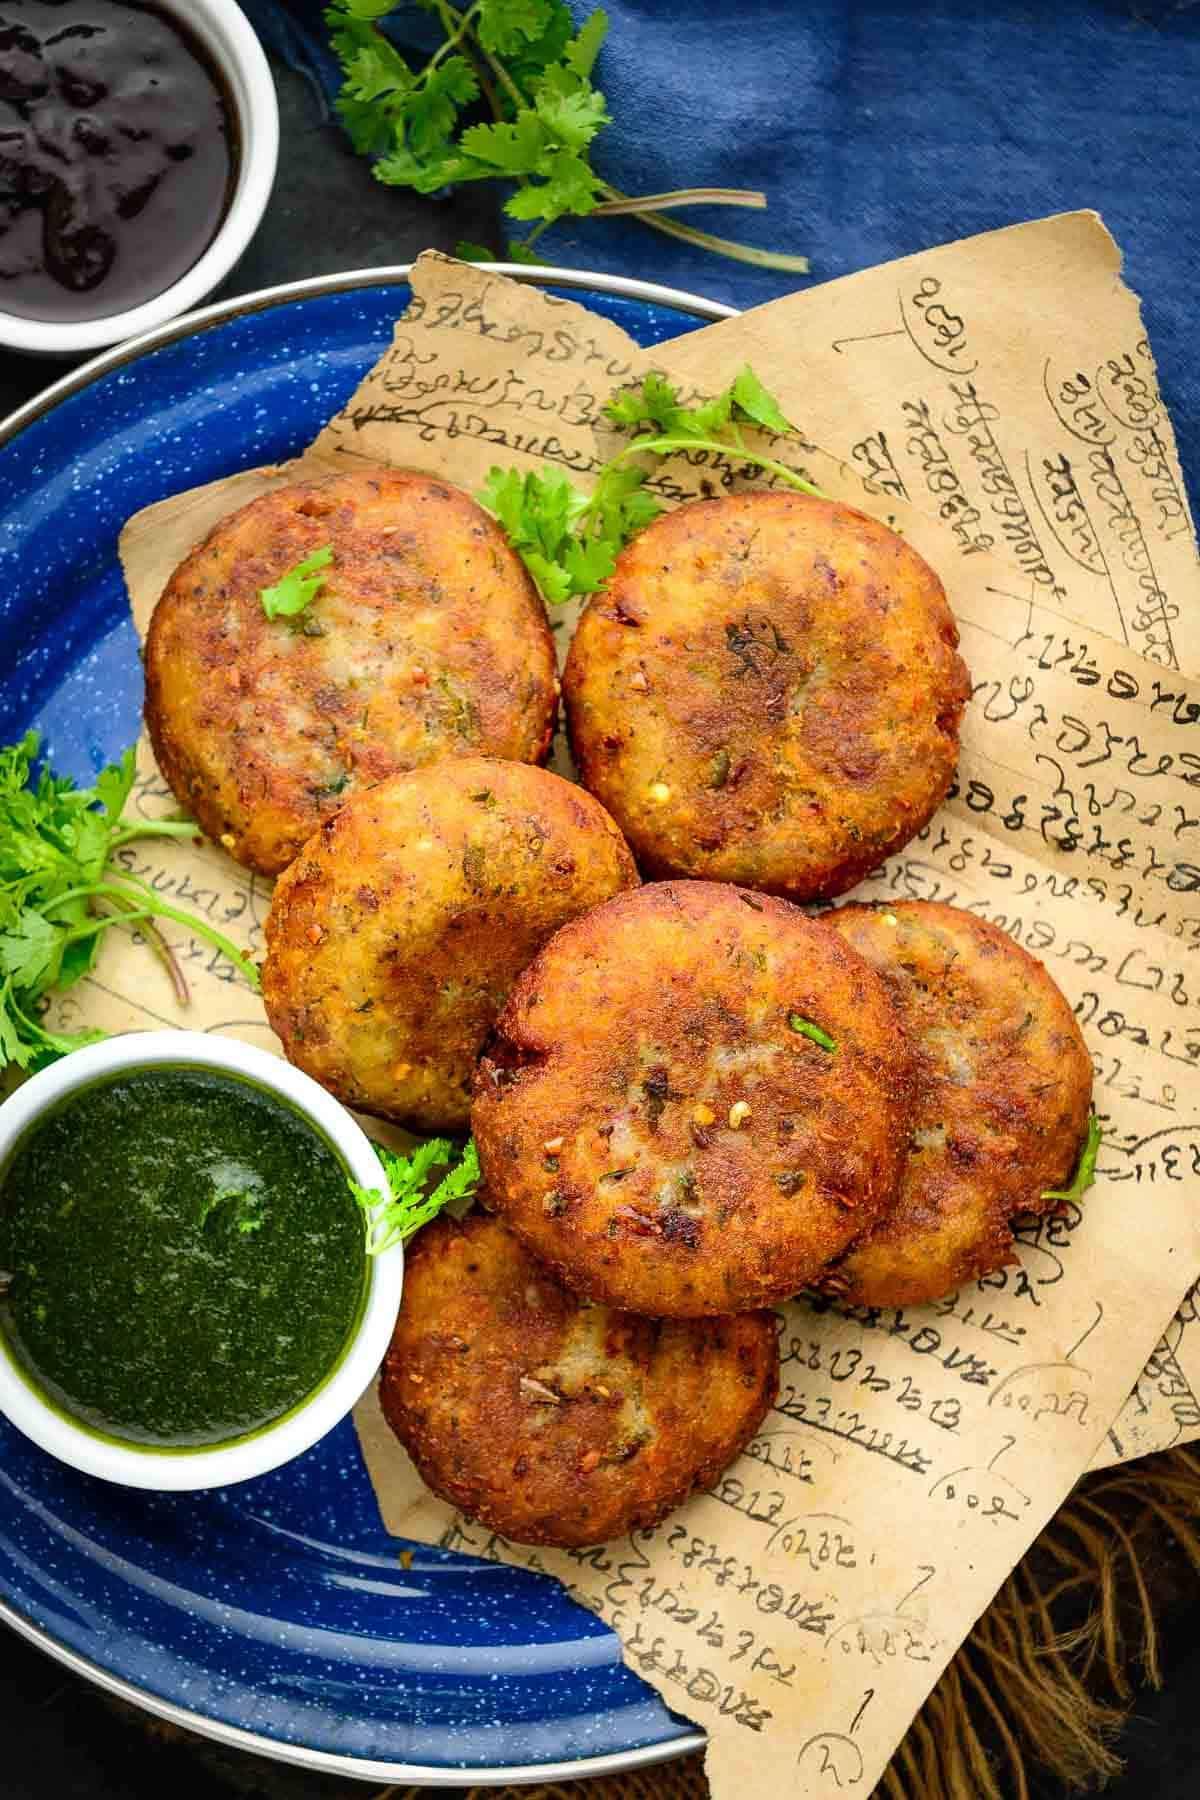 Aloo tikki served on a plate.